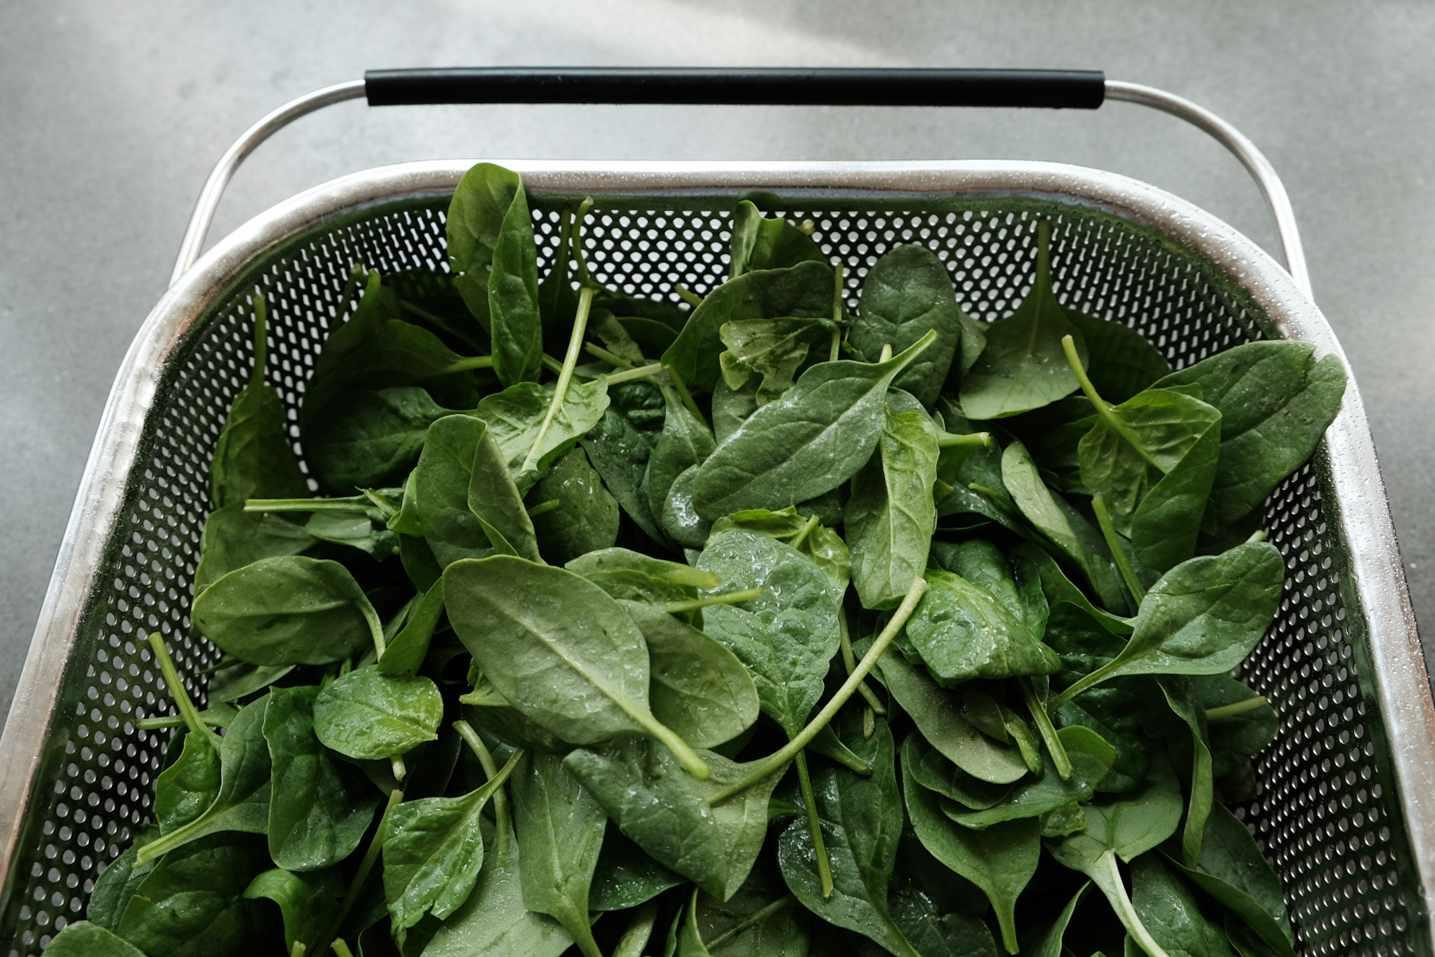 wet spinach in metal colander